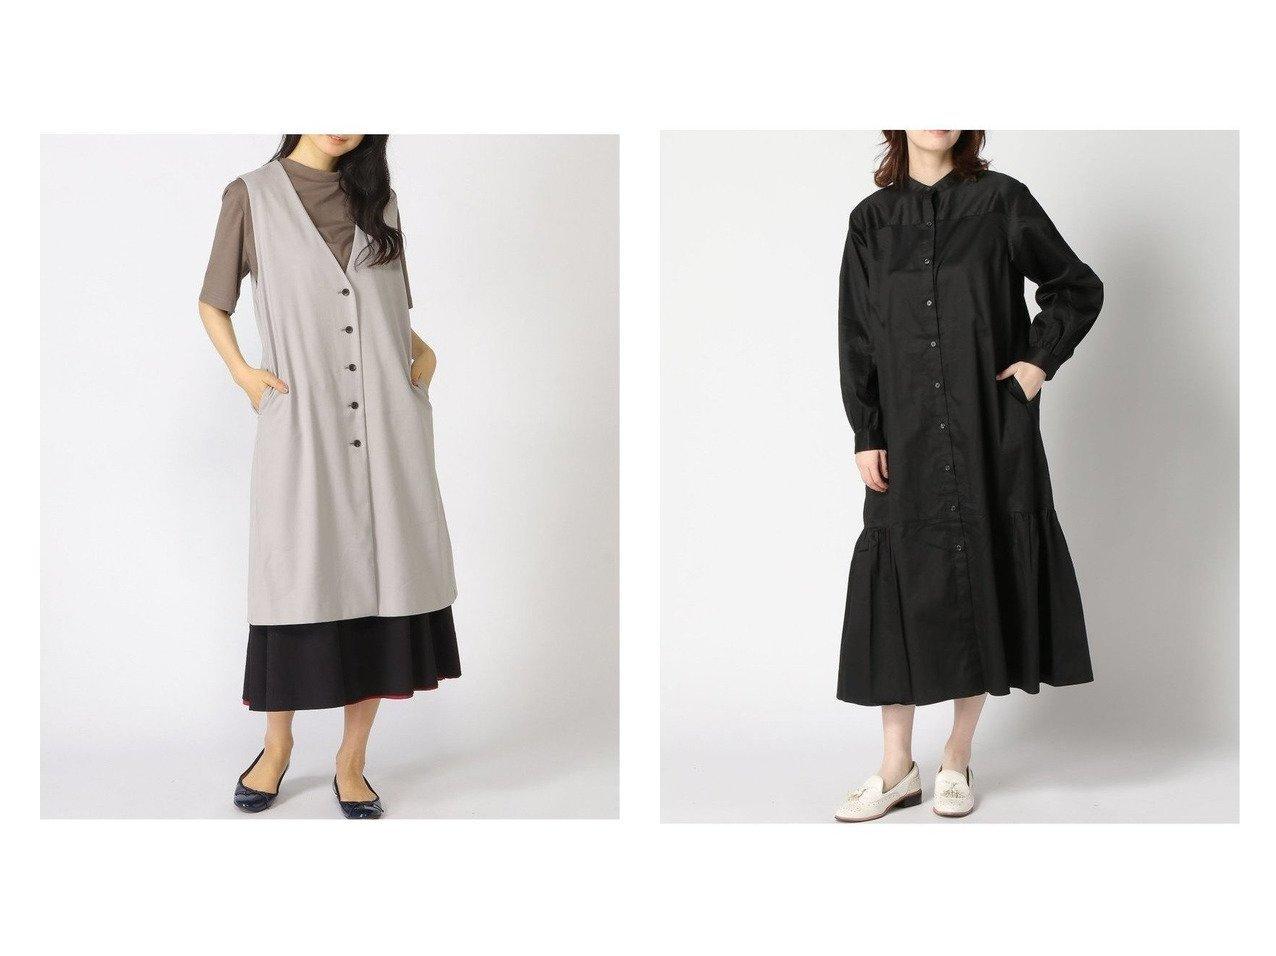 【GLOBAL WORK/グローバルワーク】のタイプライターボリュームOP&Vネックロングジレ 【プチプライス】おすすめ!人気トレンド・ファッション通販 おすすめで人気の流行・トレンド、ファッションの通販商品 インテリア・家具・メンズファッション・キッズファッション・レディースファッション・服の通販 founy(ファニー) https://founy.com/ ファッション Fashion レディースファッション WOMEN アウター Coat Outerwear トップス・カットソー Tops/Tshirt キャミソール / ノースリーブ No Sleeves シャツ/ブラウス Shirts/Blouses ベスト/ジレ Gilets/Vests Vネック V-Neck ワンピース Dress シャツワンピース Shirt Dresses NEW・新作・新着・新入荷 New Arrivals キャミソール シンプル デニム トレンド ノースリーブ ロング 今季 サテン スキニー ストレート タイプライター ティアード バランス |ID:crp329100000040134